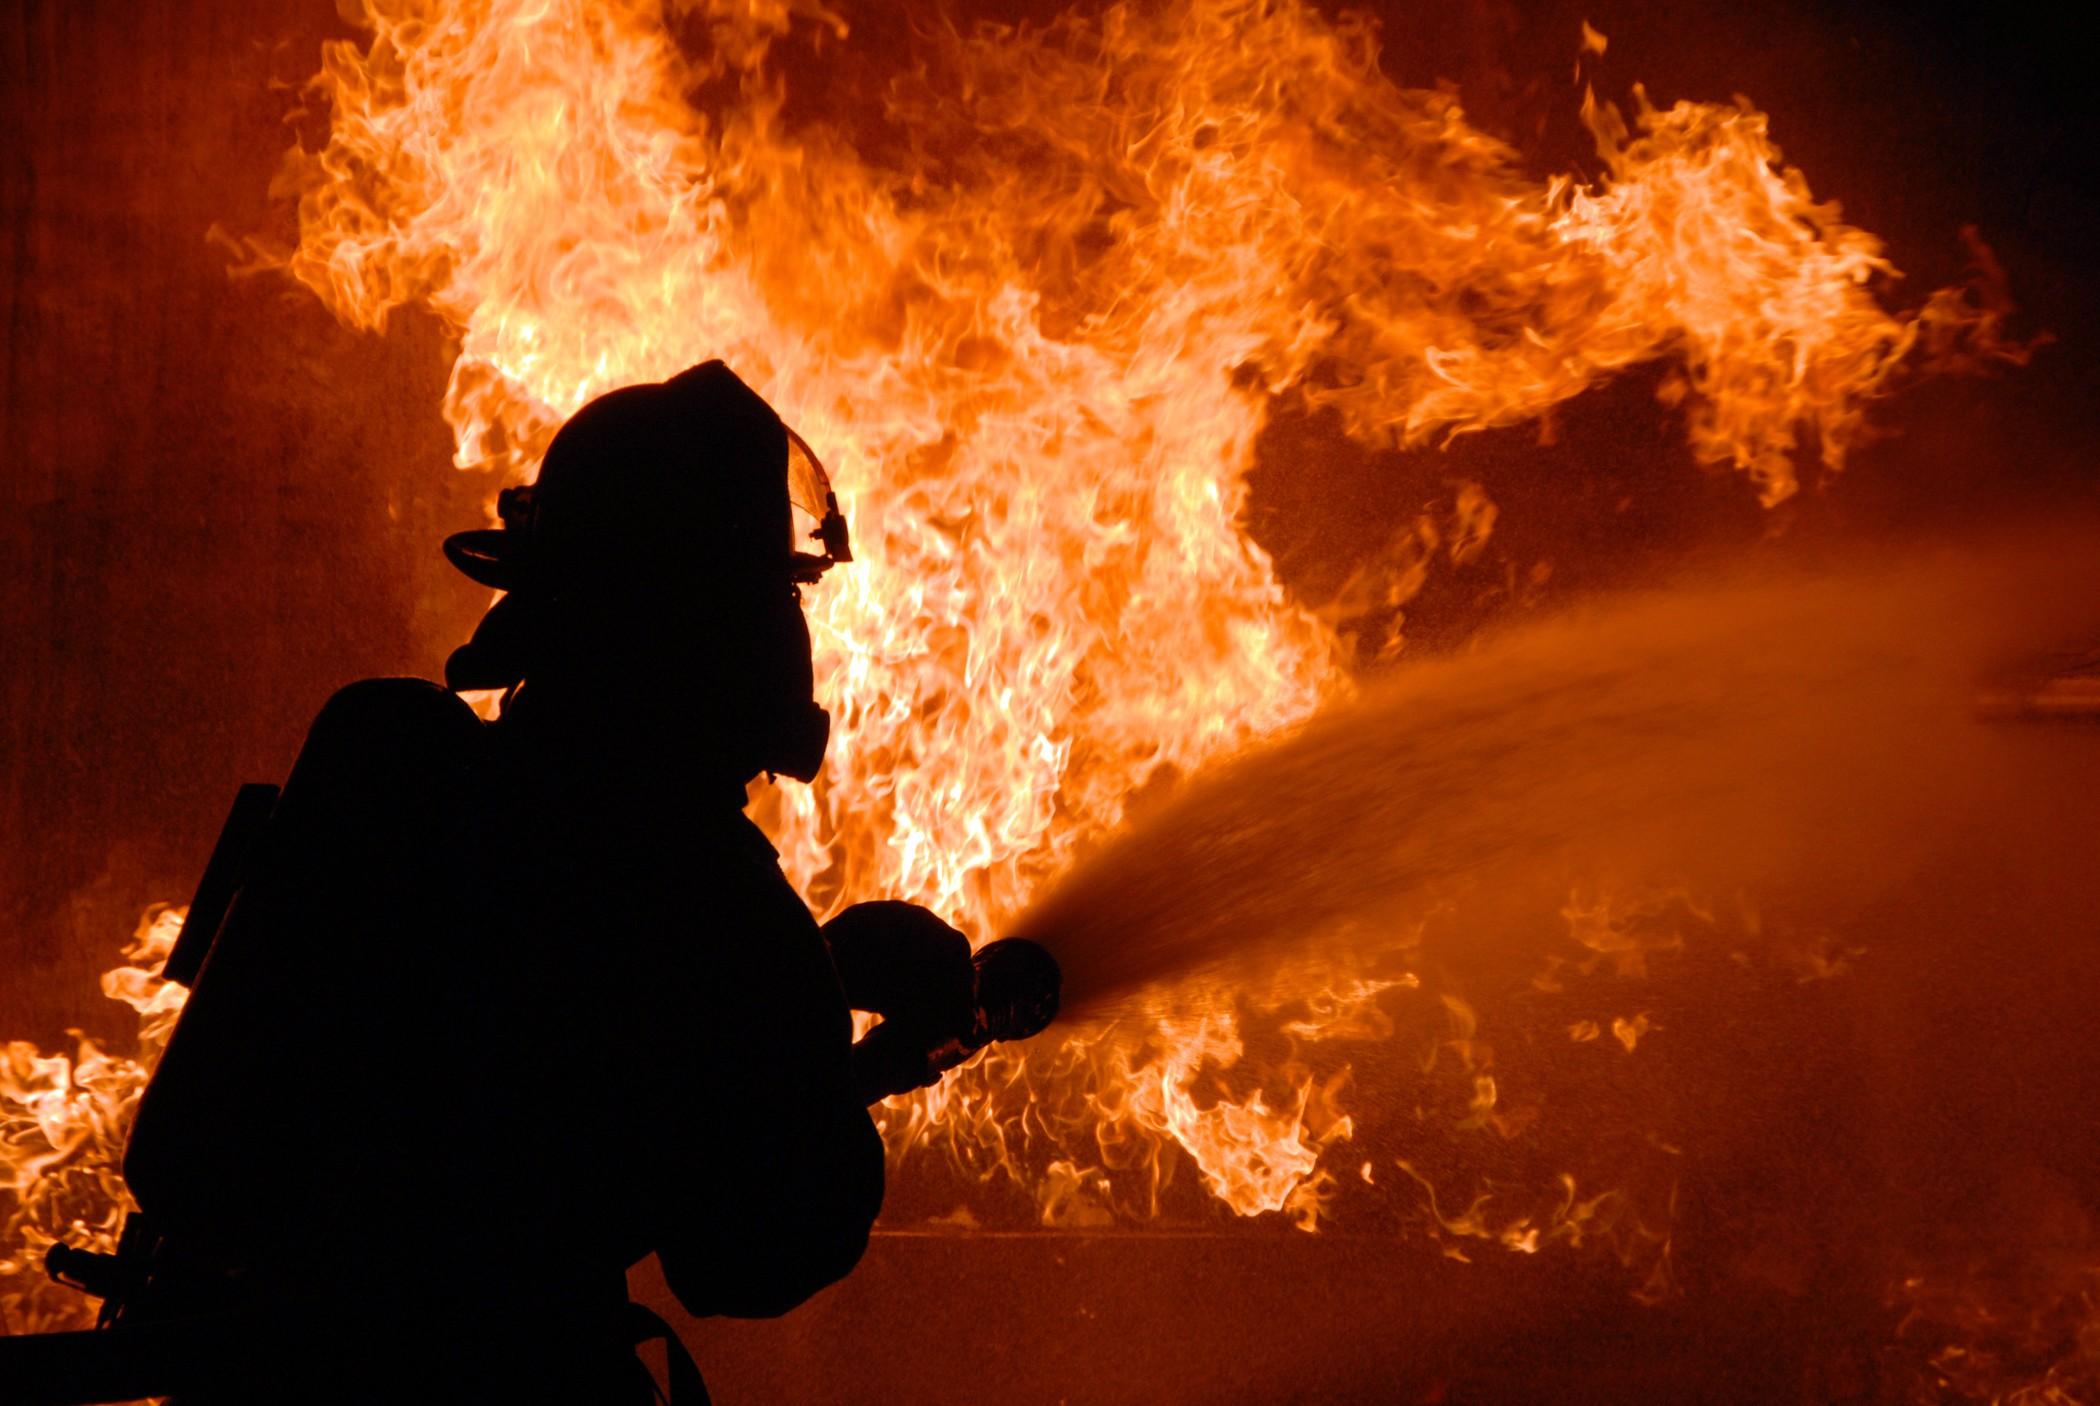 Львов горит: пожар на Земельной. Причины устанавливаются